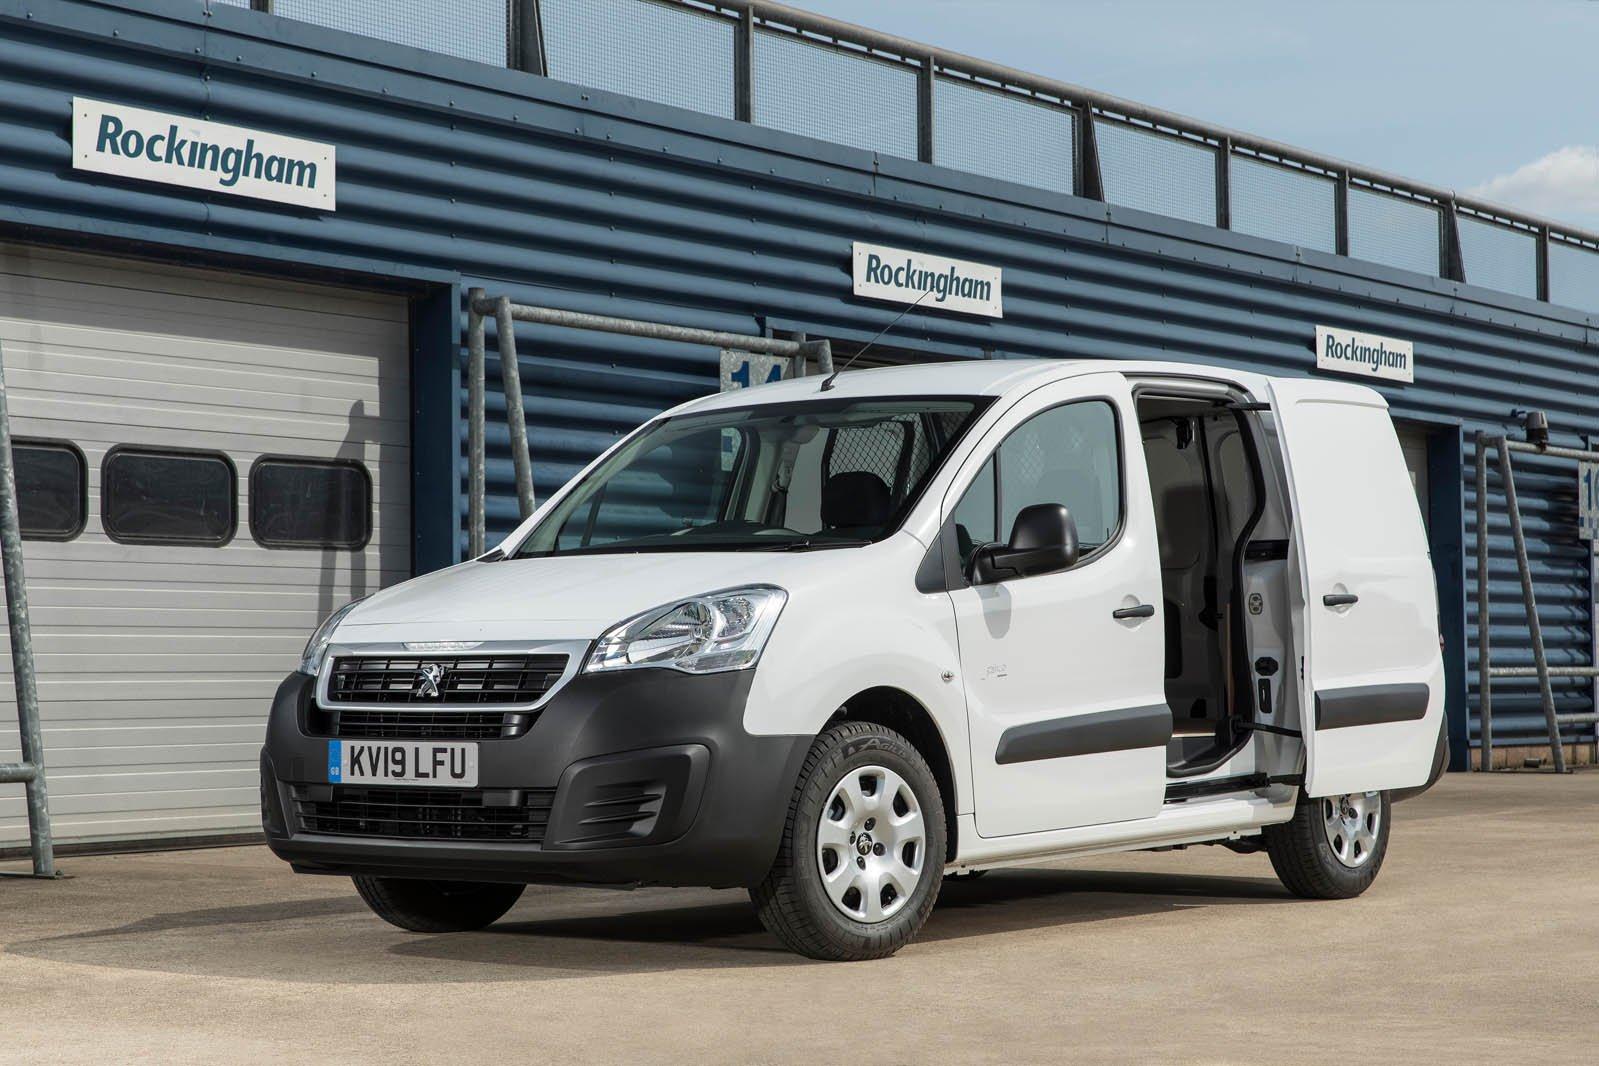 Peugeot Partner Electric 2019 front, side door open